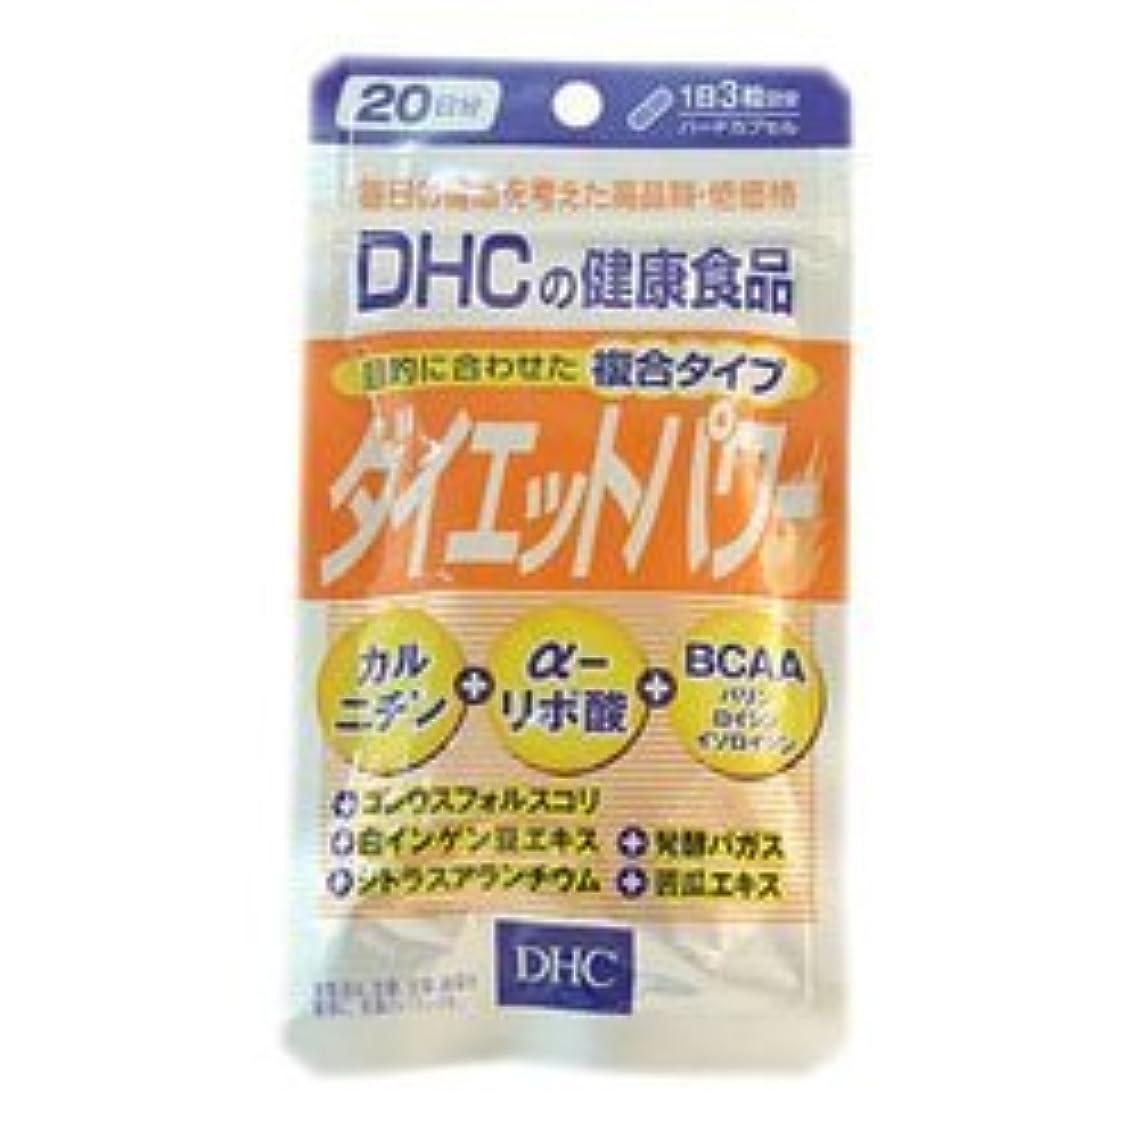 割り当て人事依存する【DHC】ダイエットパワー 20日分 (60粒) ×20個セット